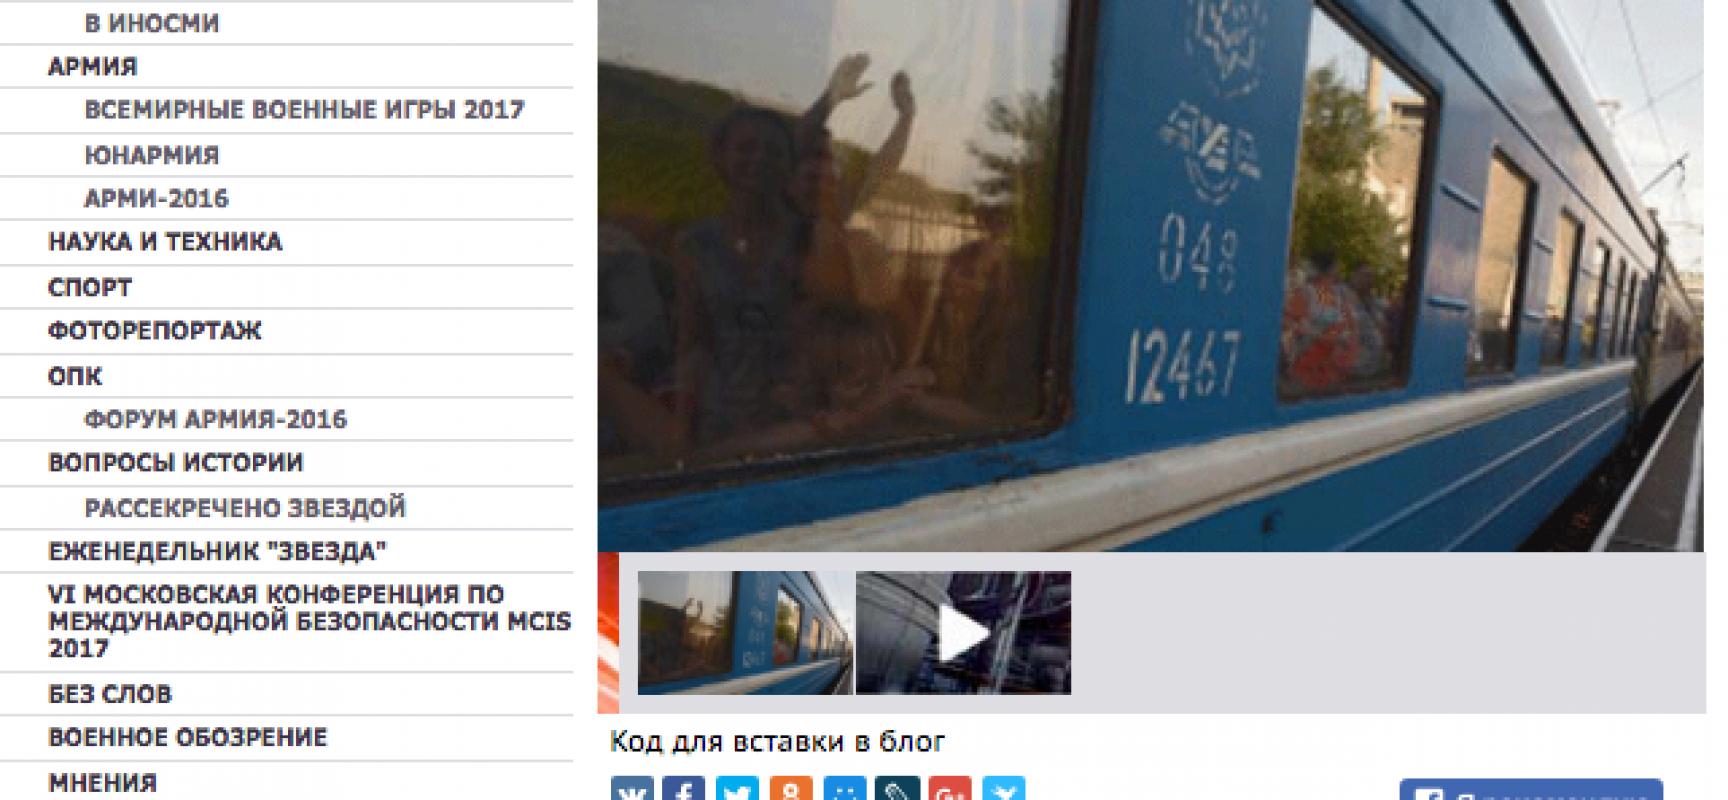 Fake: In Ucraina viene annullato il servizio ferroviario con la Russia